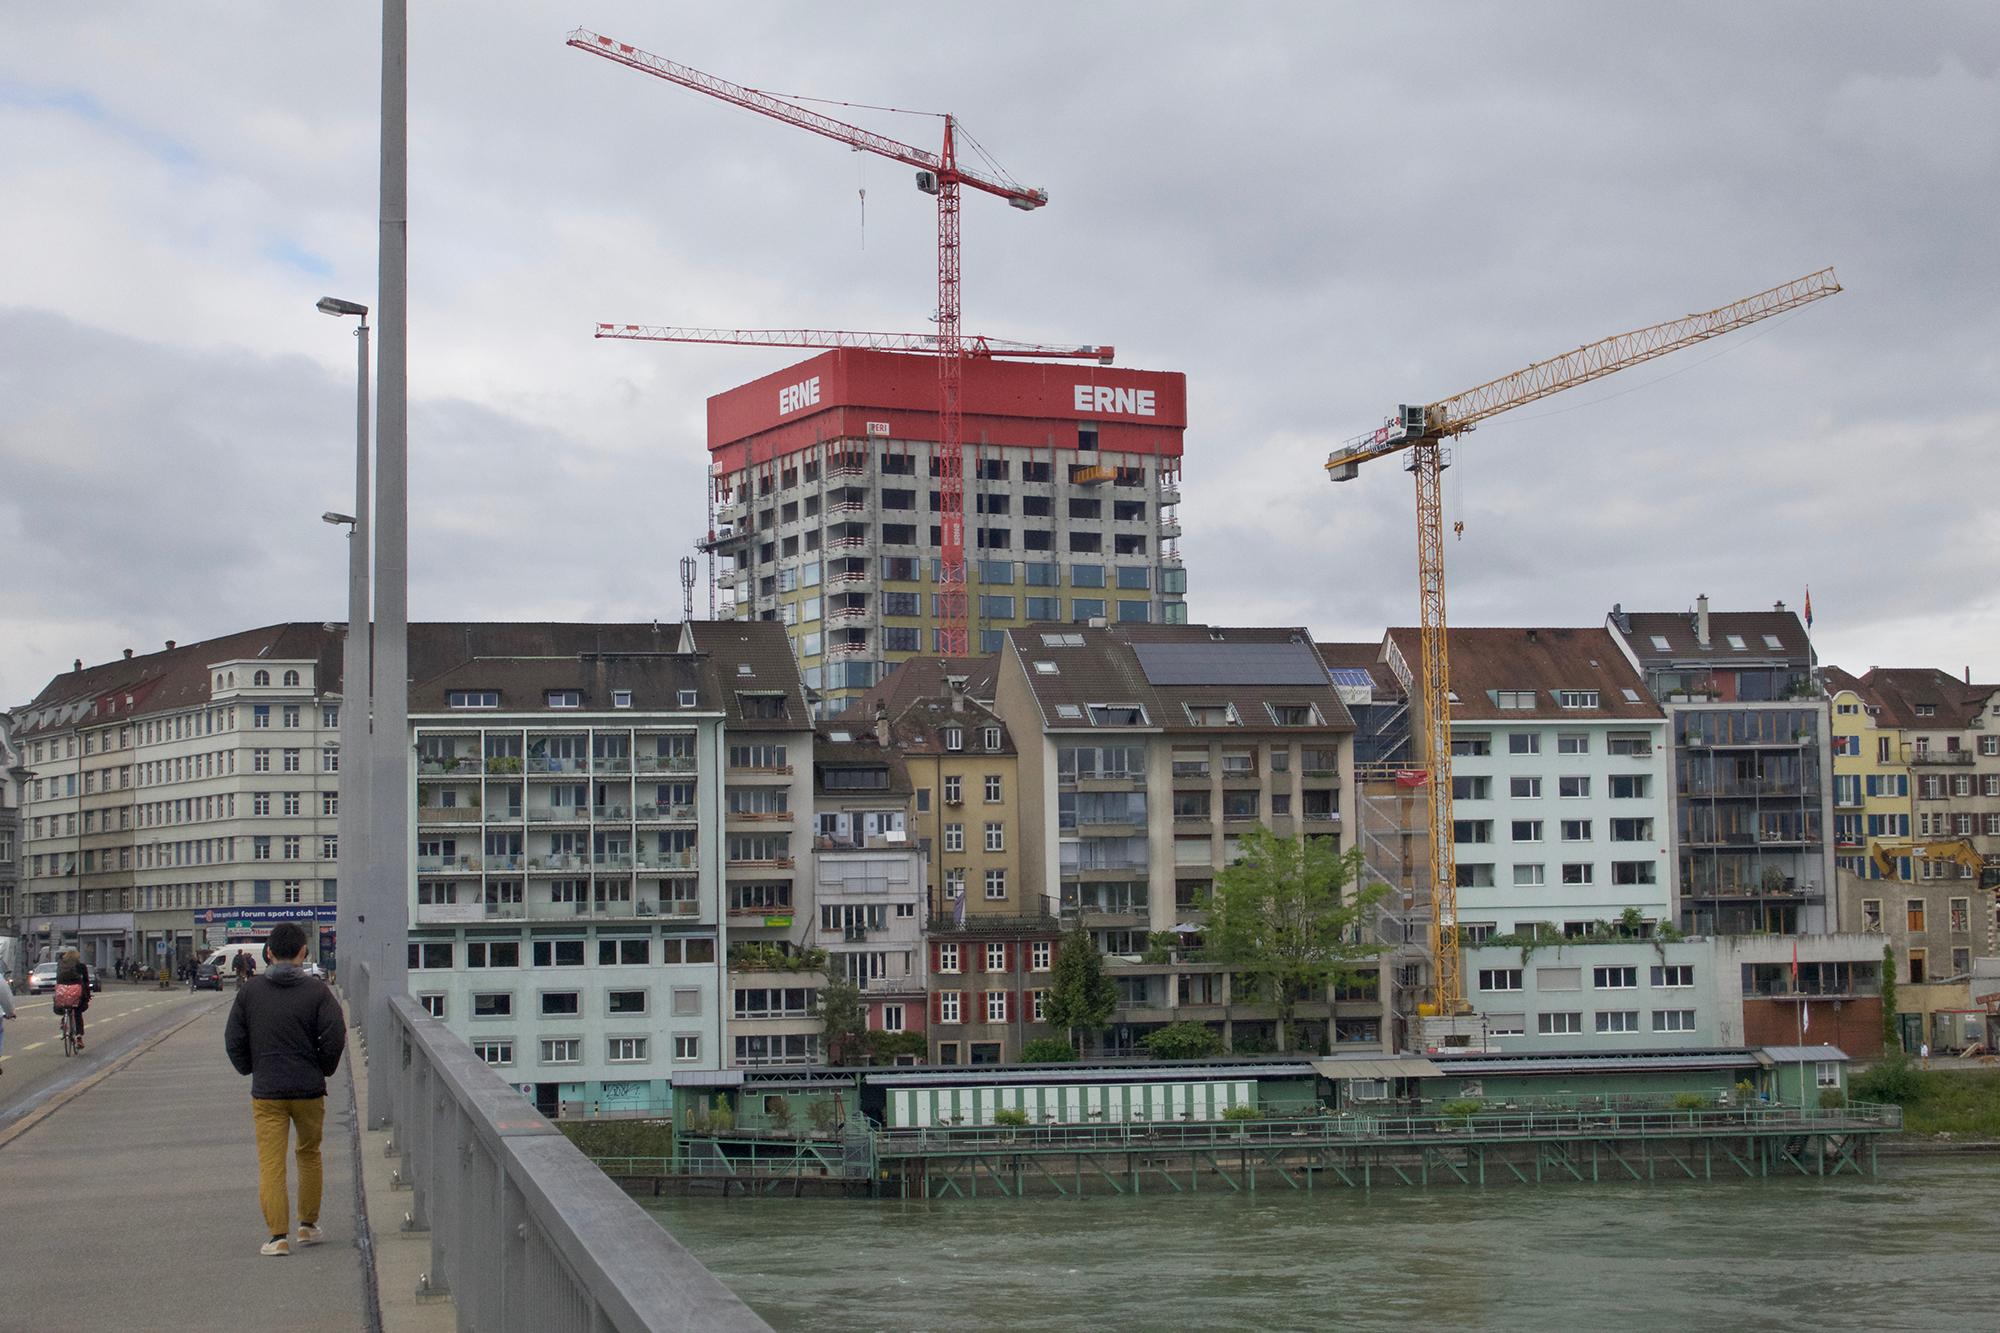 Ein neues Uni-Flaggschiff mit weiter Ausstrahlung oder ein Bruch mit dem Stadtbild? Von derBau- und Raumplanungskommission wurde das Laborhochhaus im Jahr 2012 zähneknirschend akzeptiert.